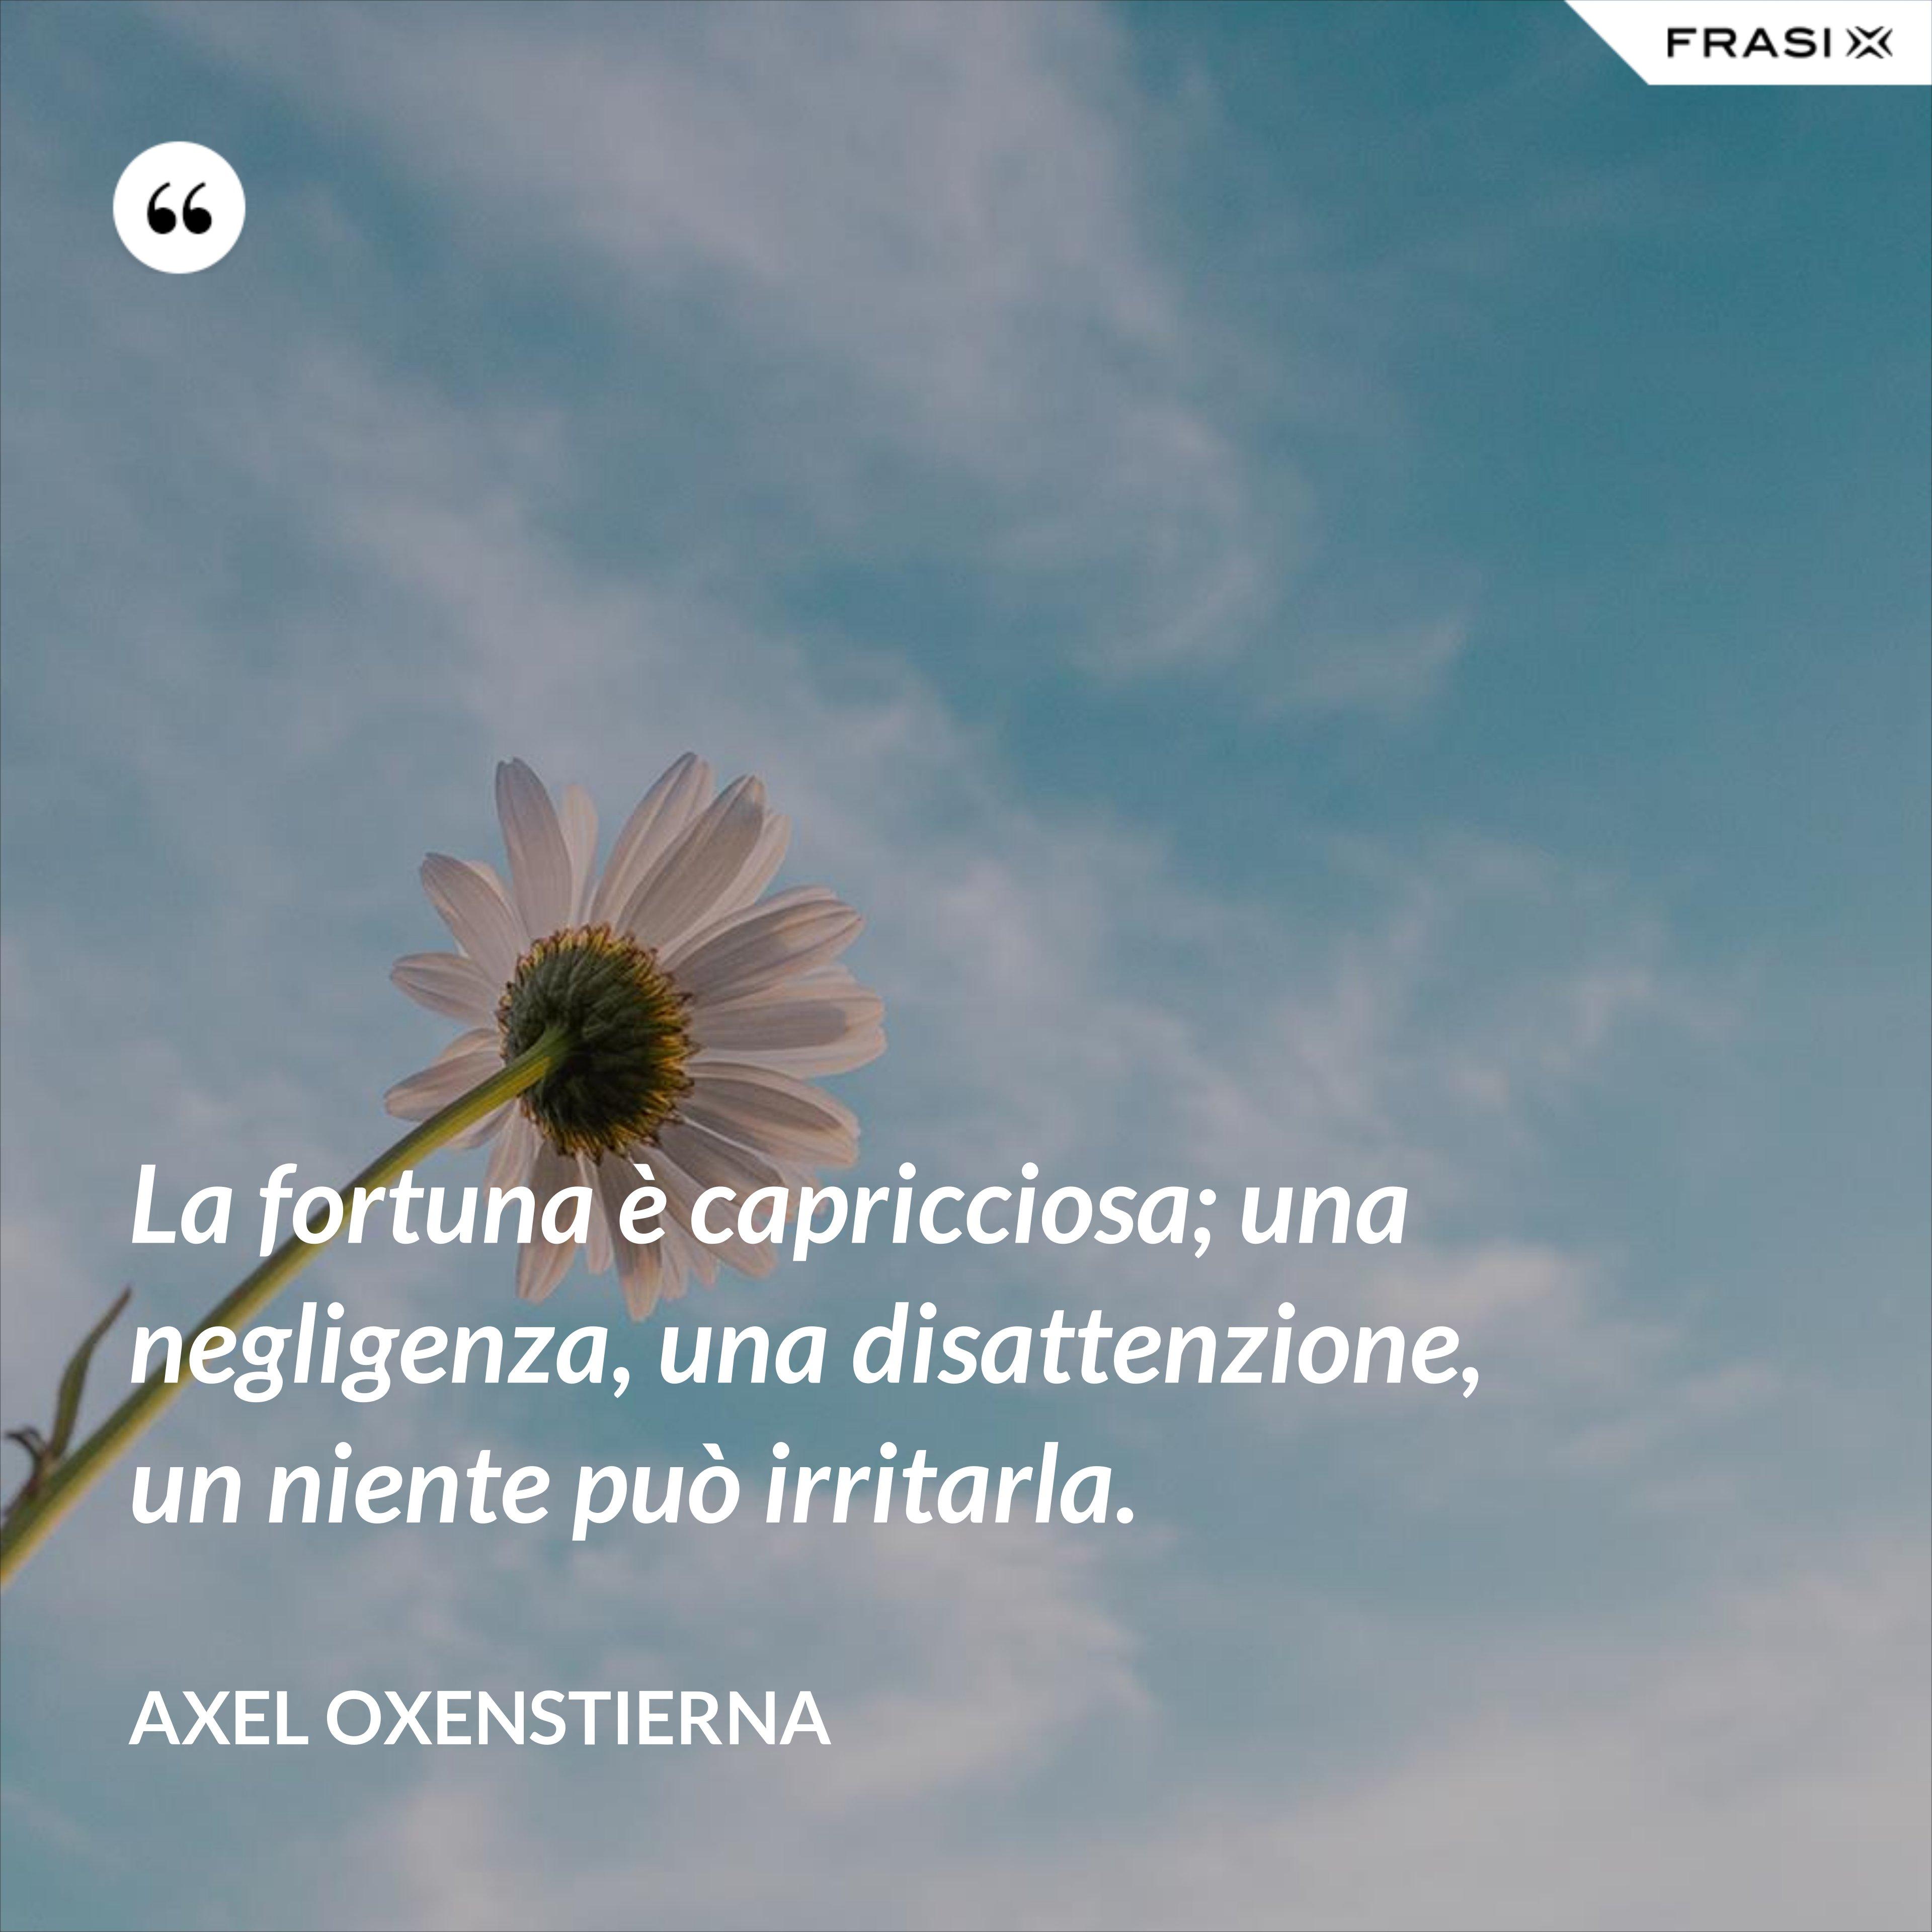 La fortuna è capricciosa; una negligenza, una disattenzione, un niente può irritarla. - Axel Oxenstierna